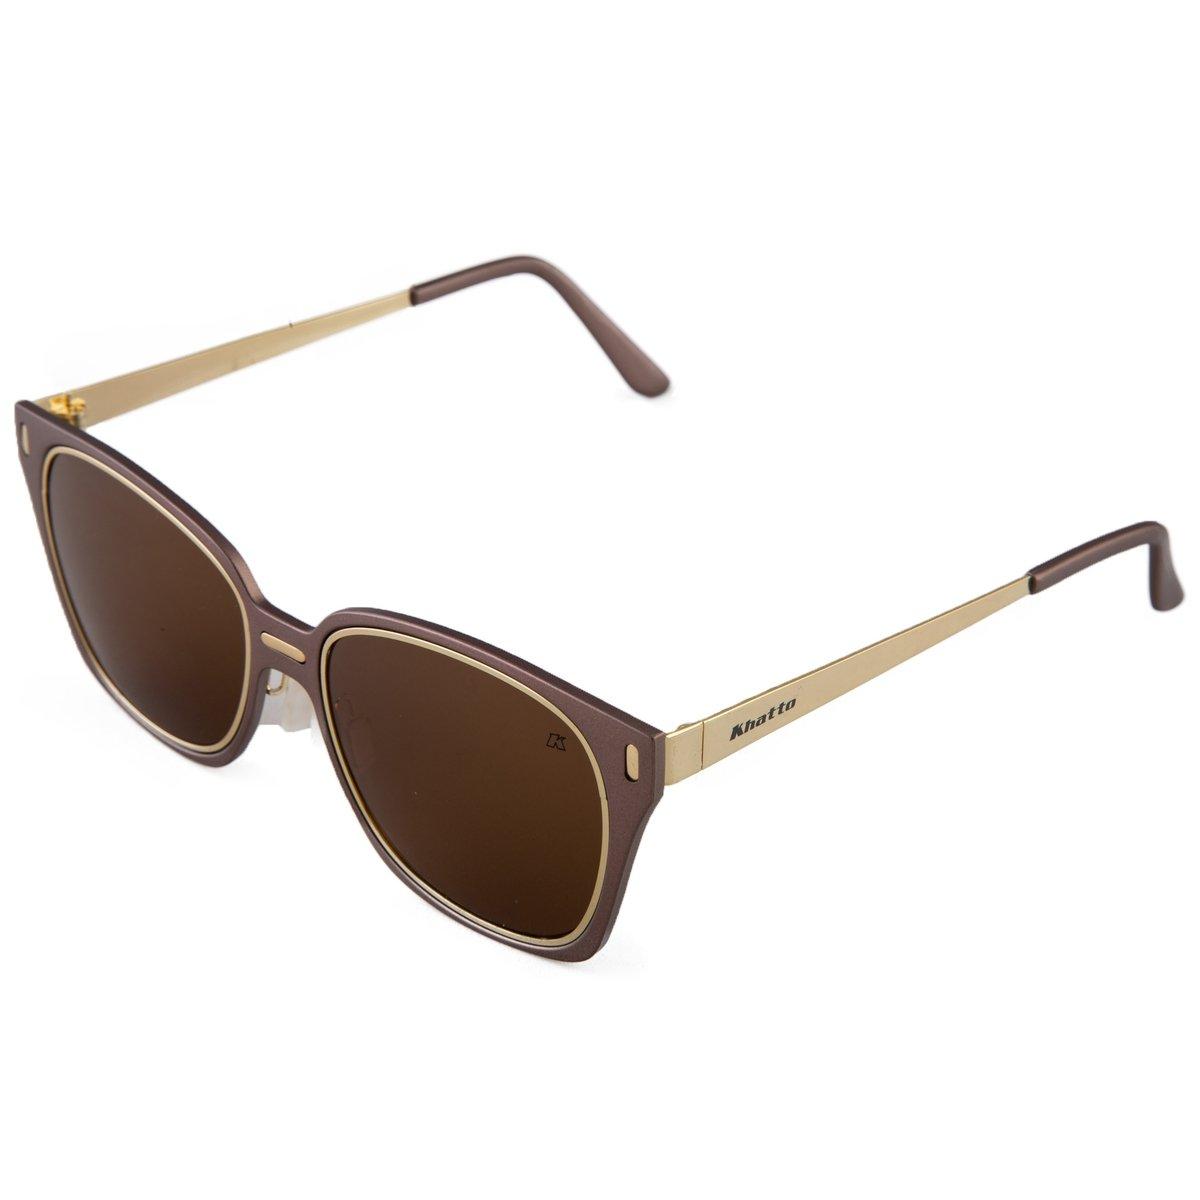 be8dd5d70fd7a Óculos de Sol Khatto KT051 - Compre Agora